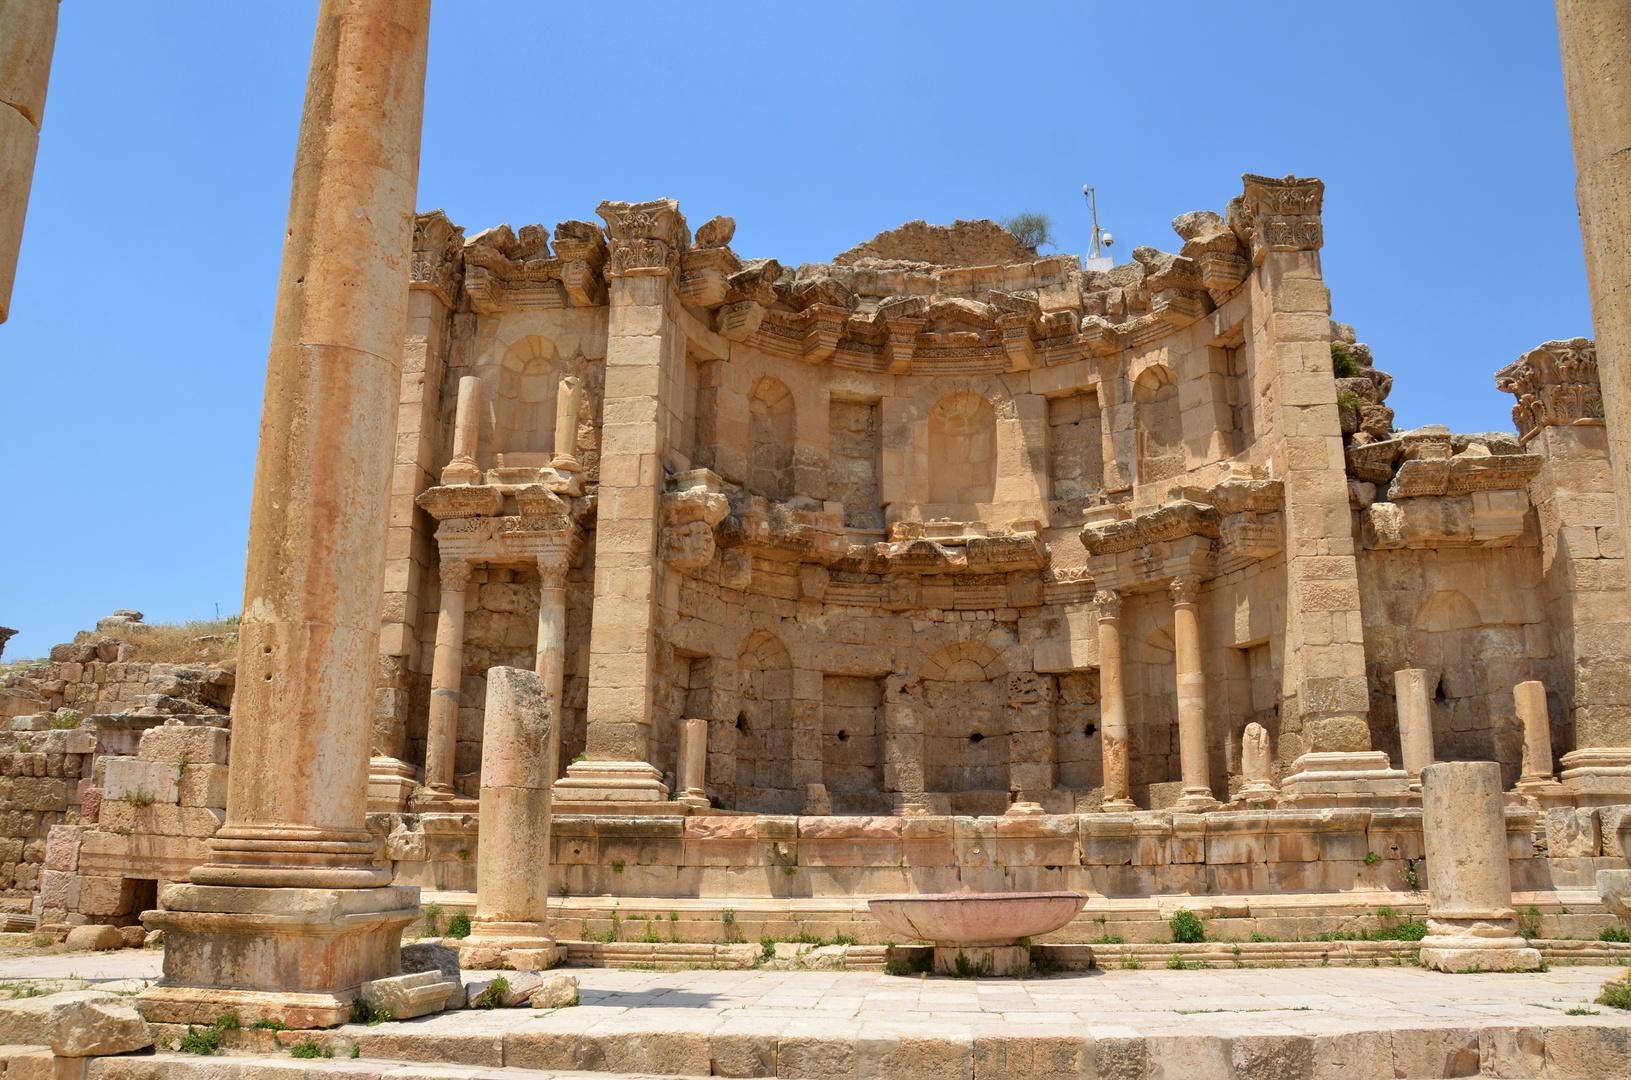 Das Nymphaeum, der Stadtbrunnen des antiken Gerasa